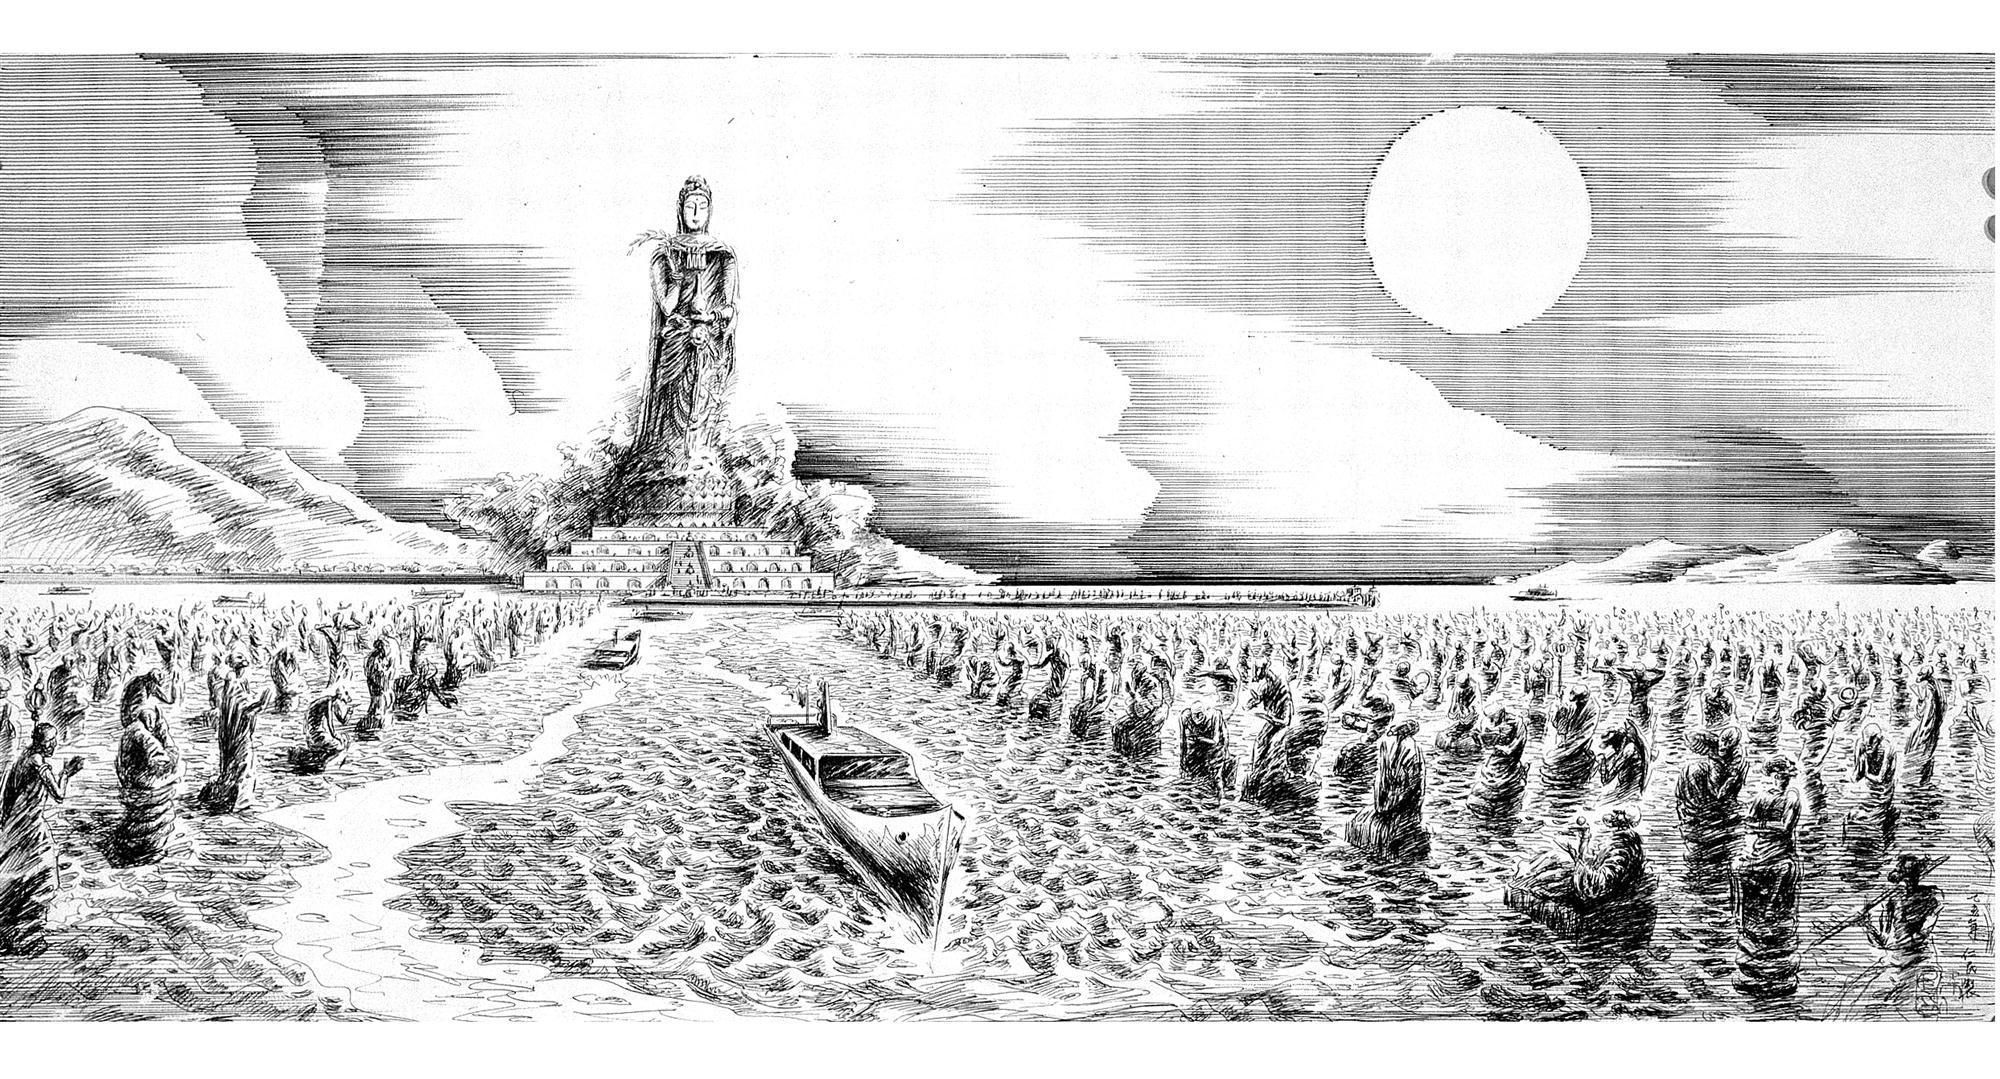 朱仁民创作的圆珠笔手绘莲花岛大观音工程鸟瞰图